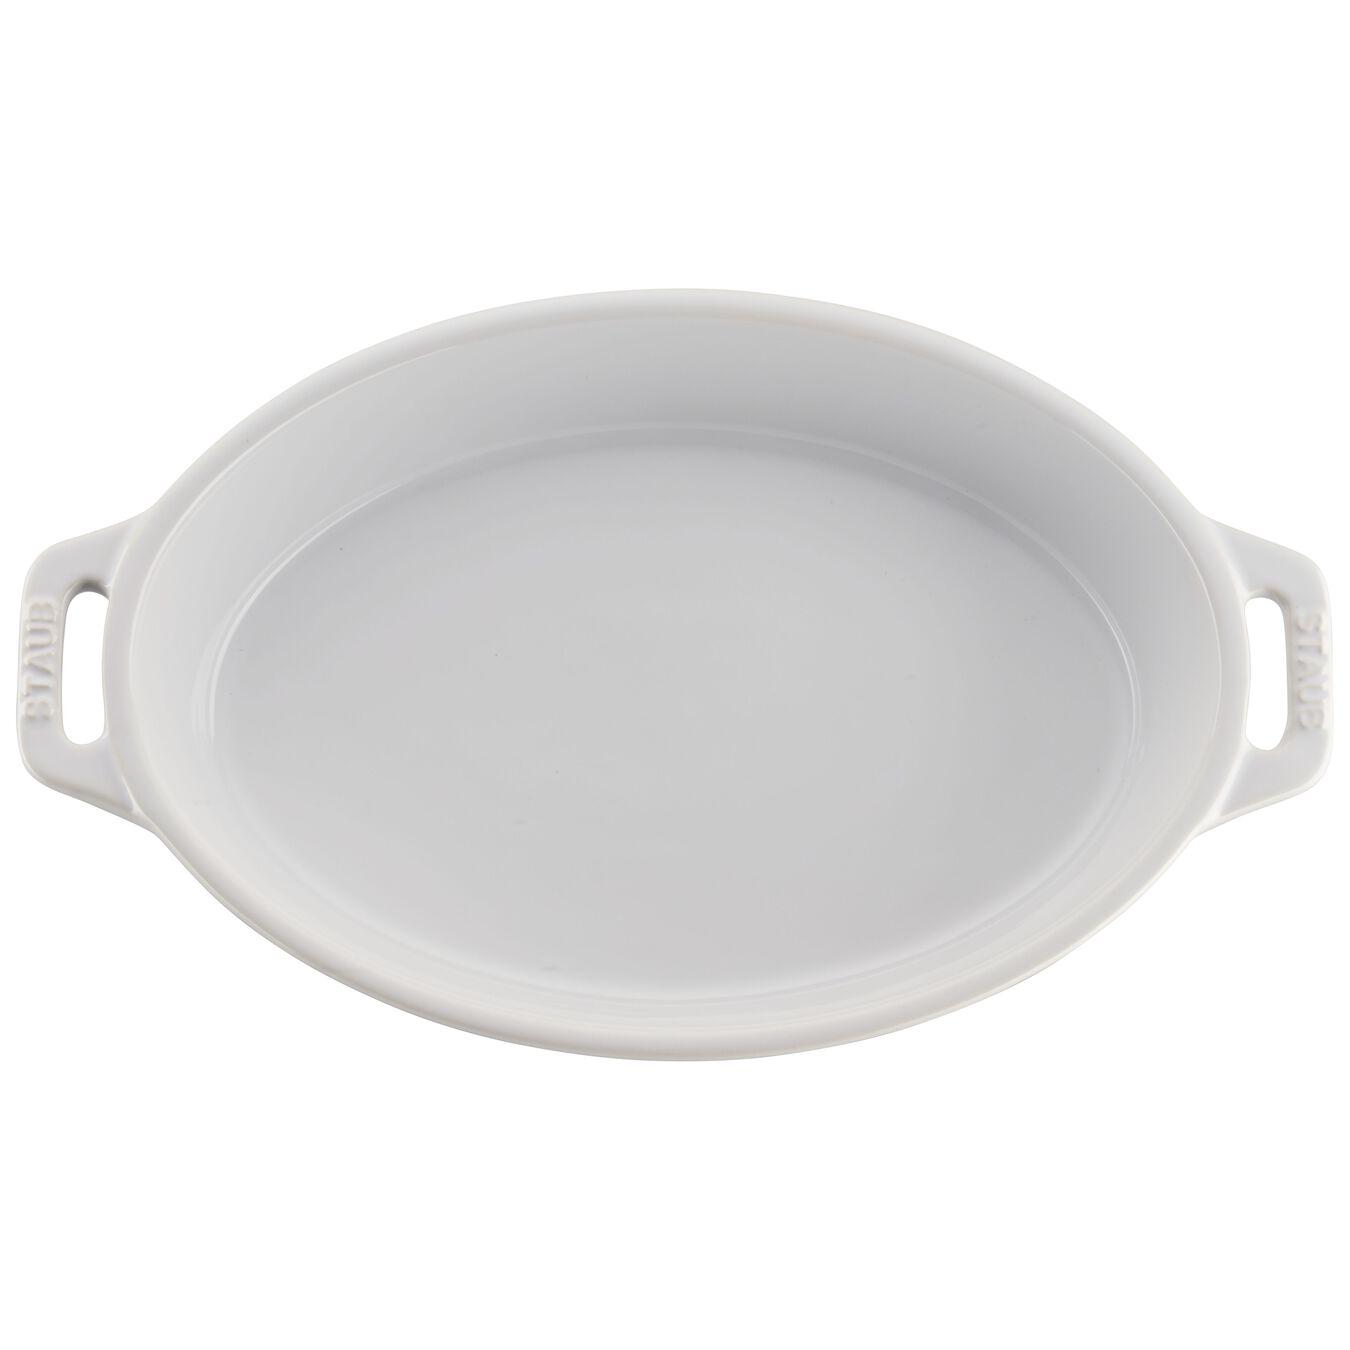 2-pc, oval, Baking Dish Set, white,,large 4